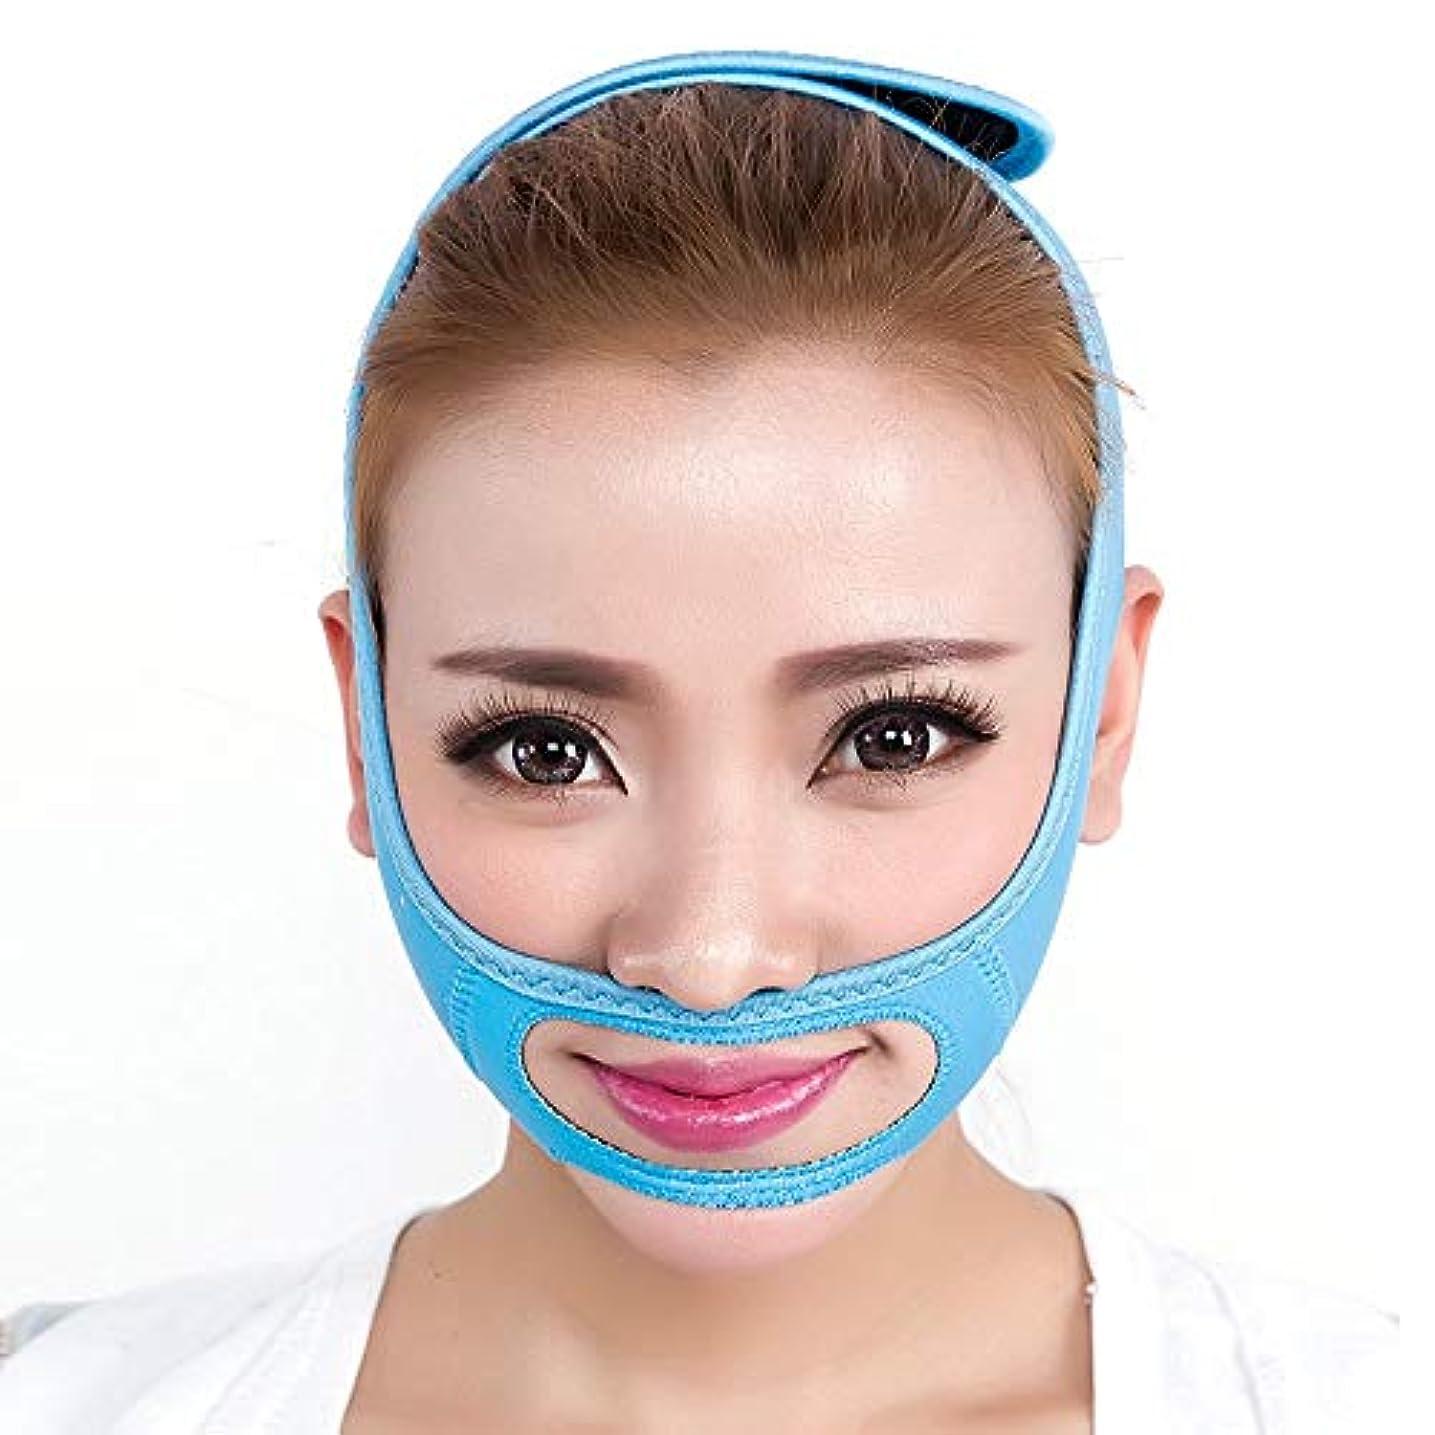 クルー顧問胃Jia Jia- シンフェイスマスクシンフェイス包帯シンフェイスアーティファクトシンフェイスフェイシャルリフティングシンフェイススモールVフェイススリープシンフェイスベルト 顔面包帯 (色 : B)